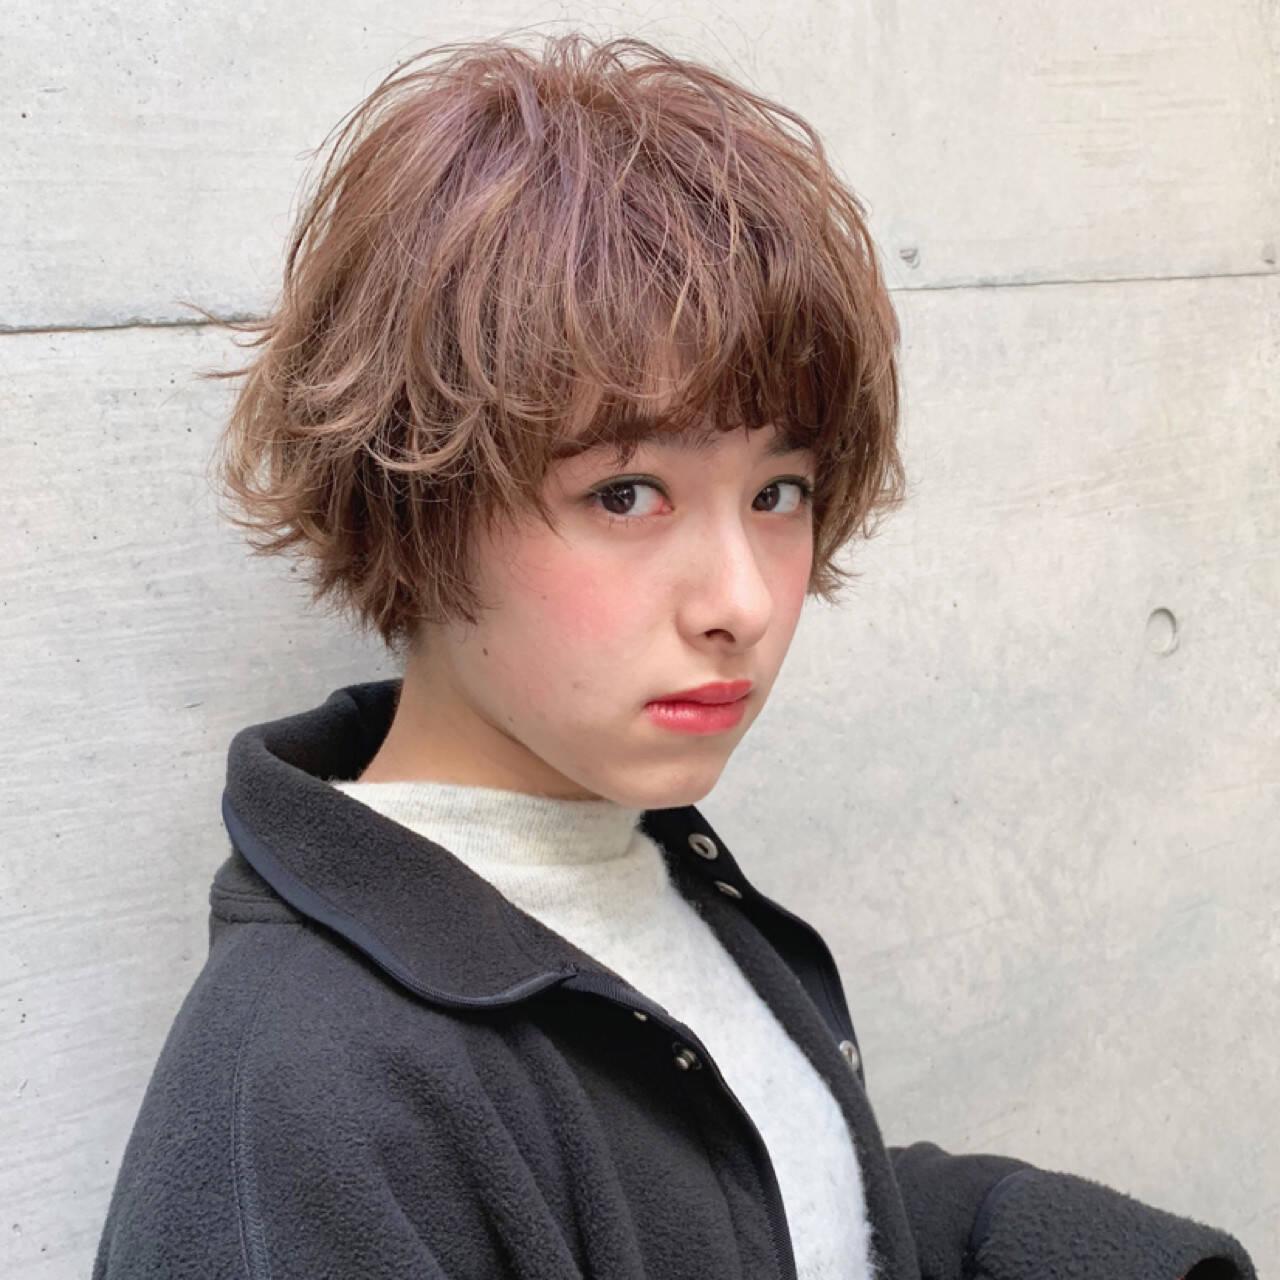 ボブ 大人かわいい フェミニン マッシュヘアスタイルや髪型の写真・画像